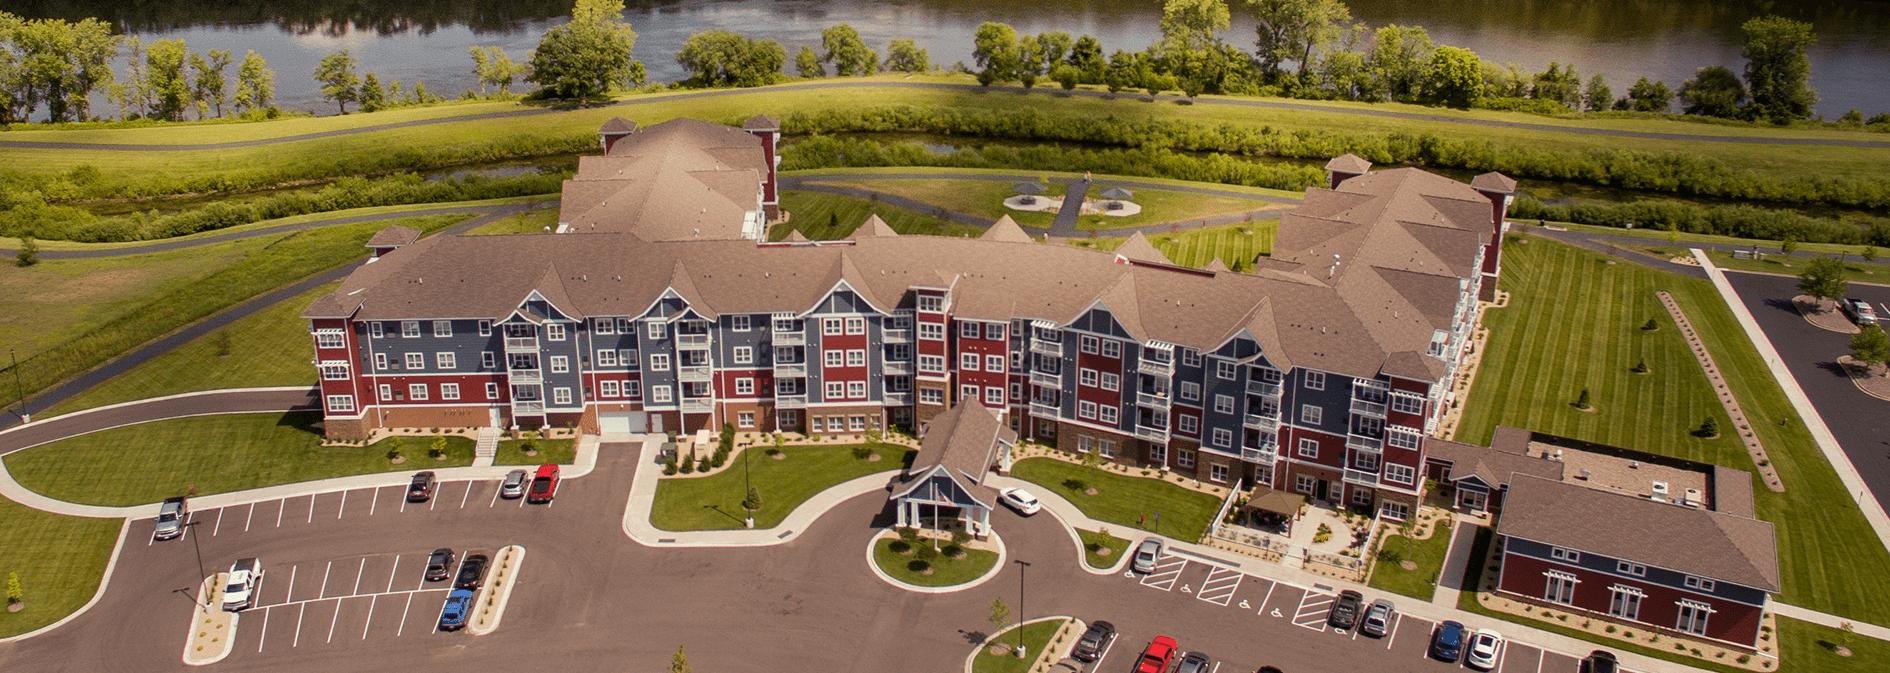 Riverview Landing Community